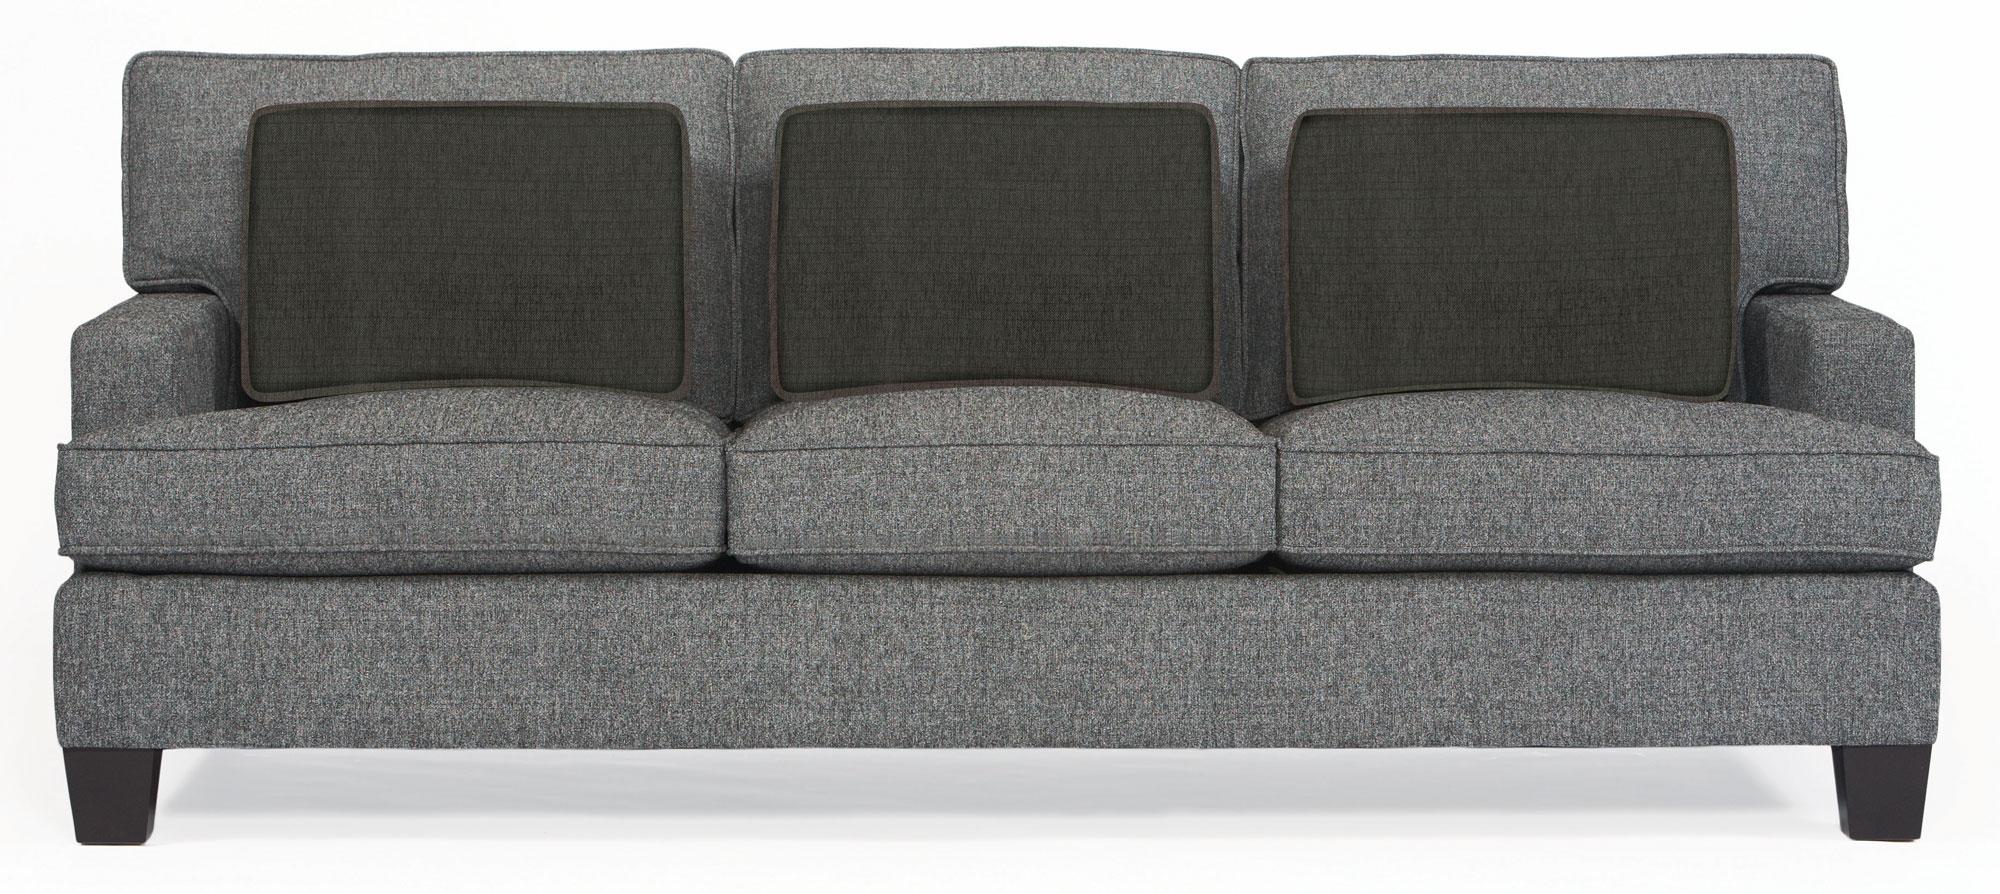 Sofa Sleeper Bernhardt Hospitality : N666728580114 from www.bernhardthospitality.com size 2000 x 894 jpeg 454kB